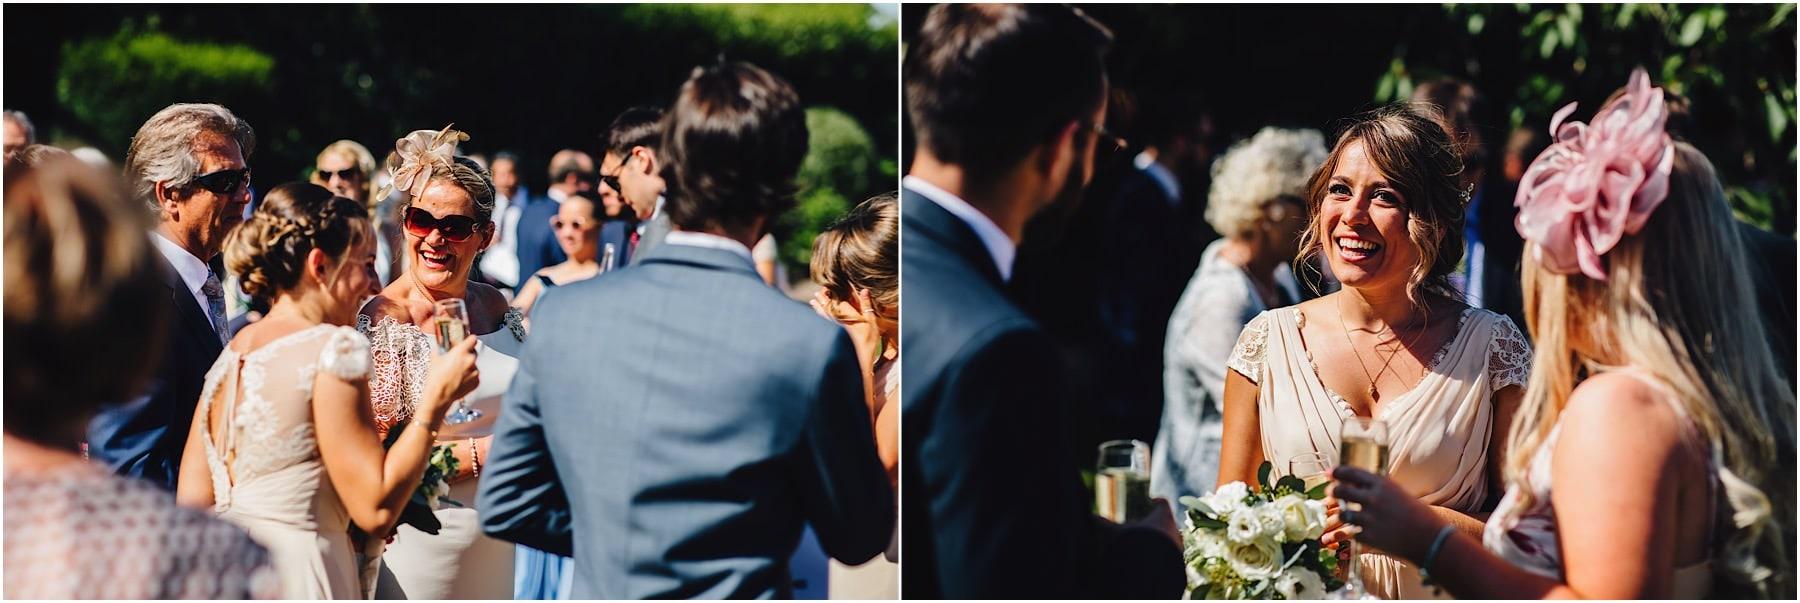 weddings guests having a drink